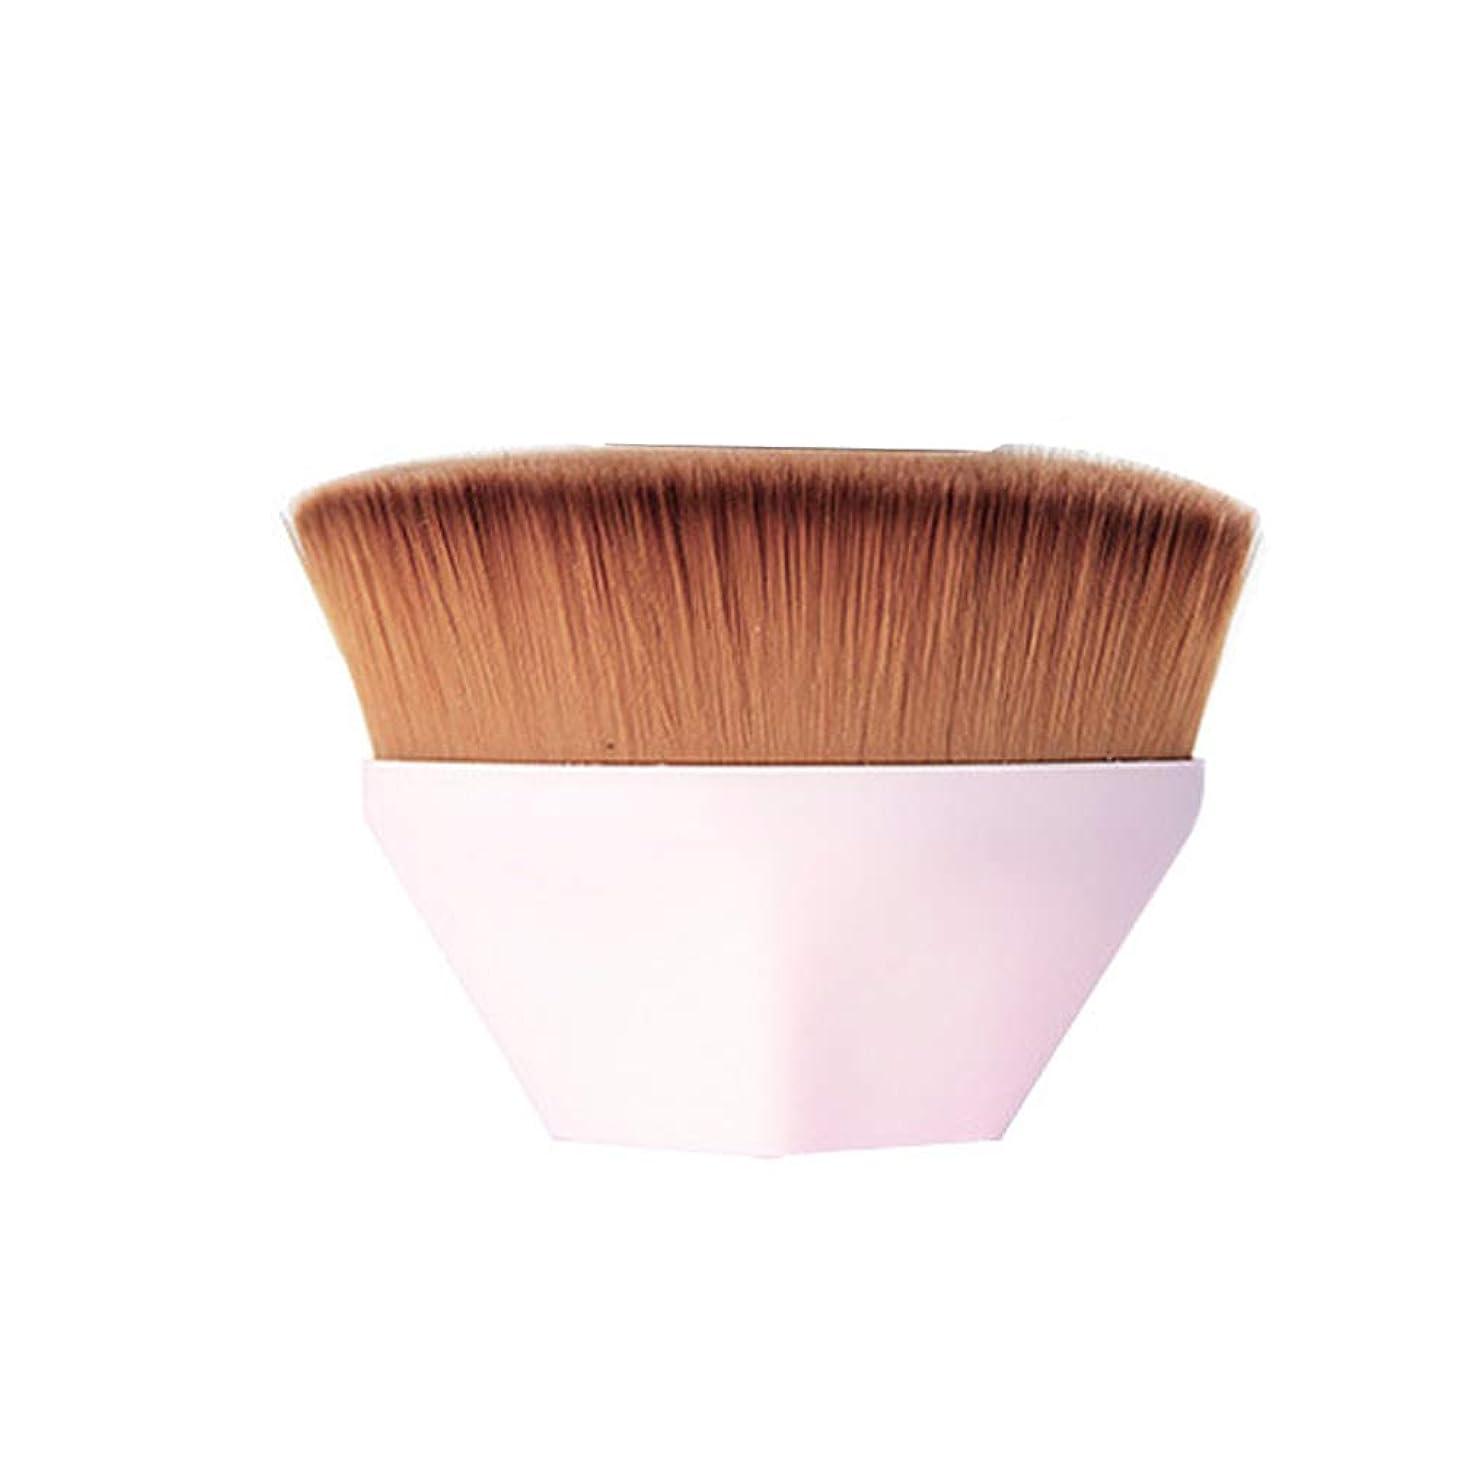 理容室イノセンス論理的YuJiny メイクアップブラシ 粧ブラシ 可愛い 化粧筆 肌に優しい ファンデーションブラシ アイシャドウブラシ 携帯便利 (ホワイト)